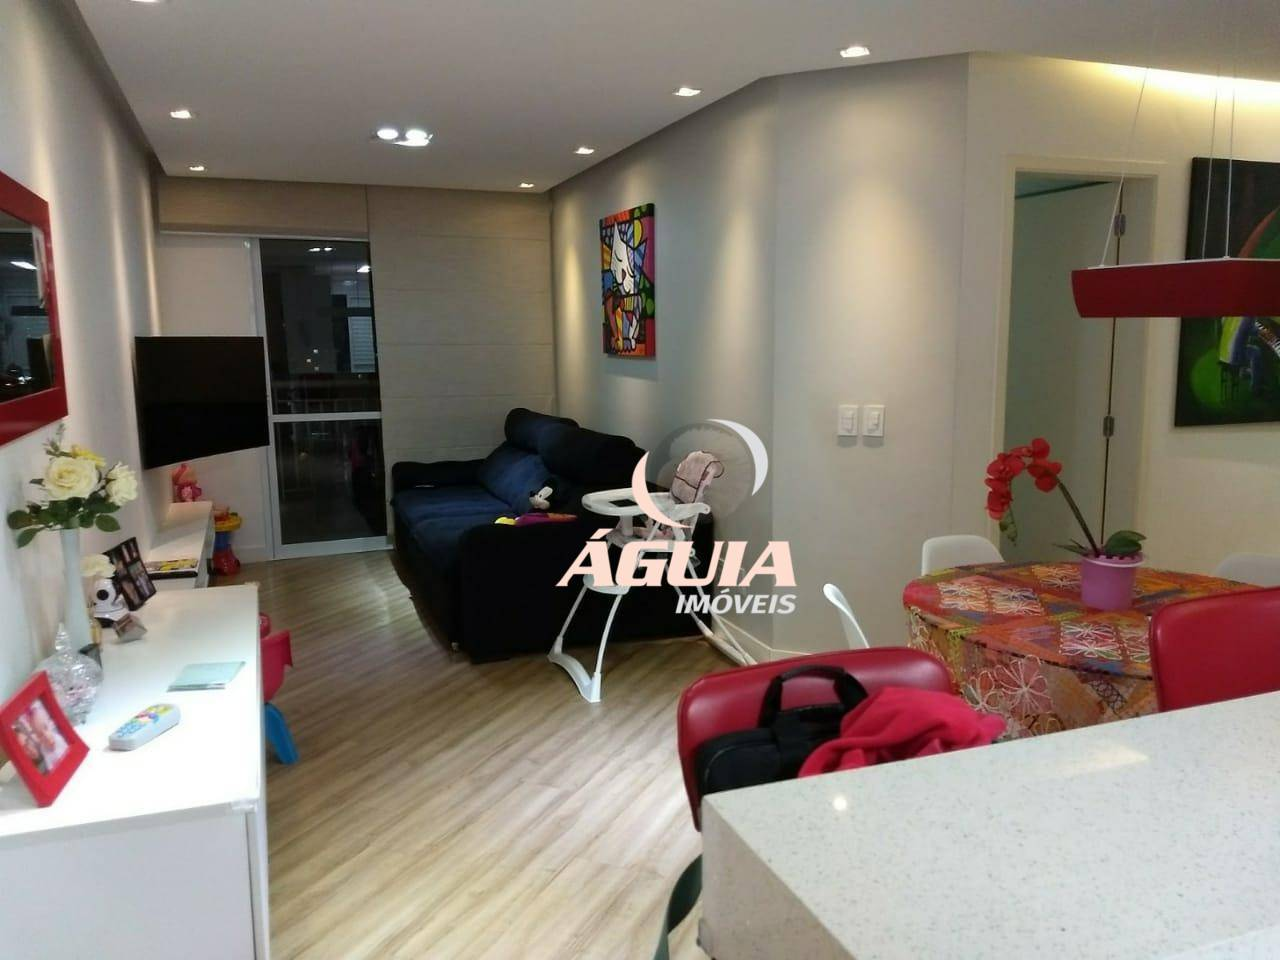 Apartamento com 3 dormitórios à venda, 83 m² por R$ 530.000,00 - Vila Baeta Neves - São Bernardo do Campo/SP